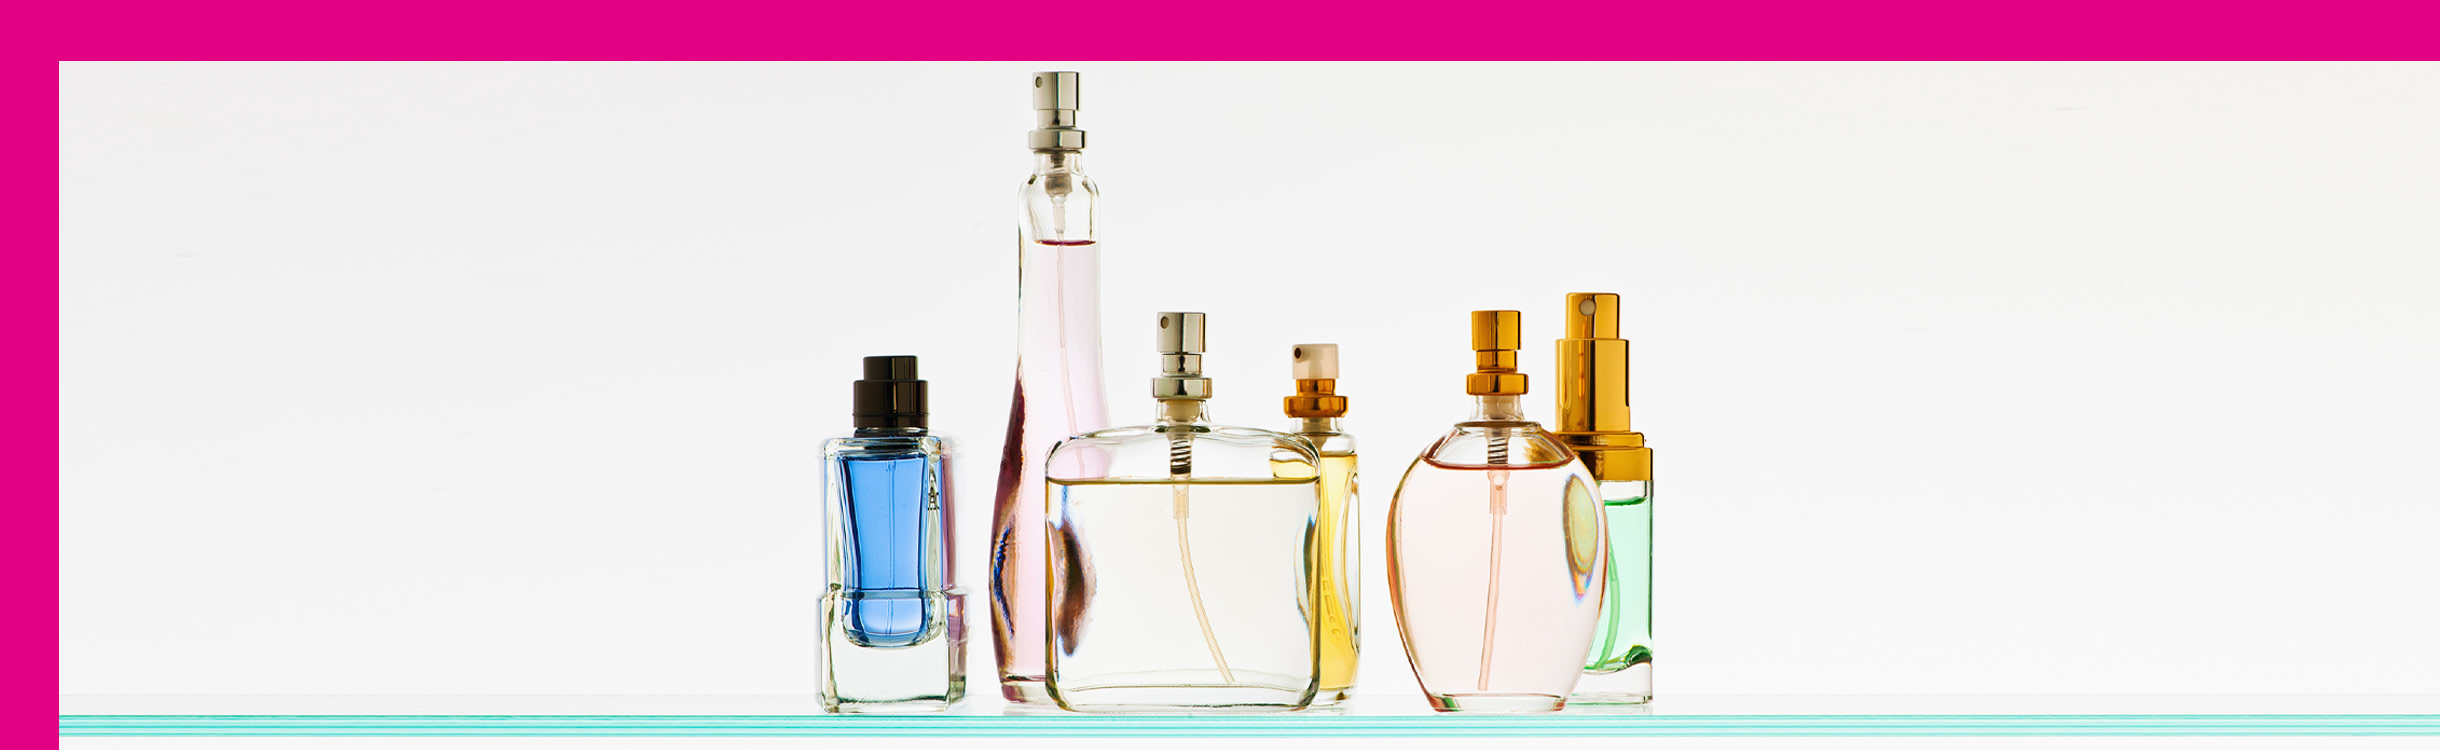 Kits de Perfumes e Perfumaria para Presente